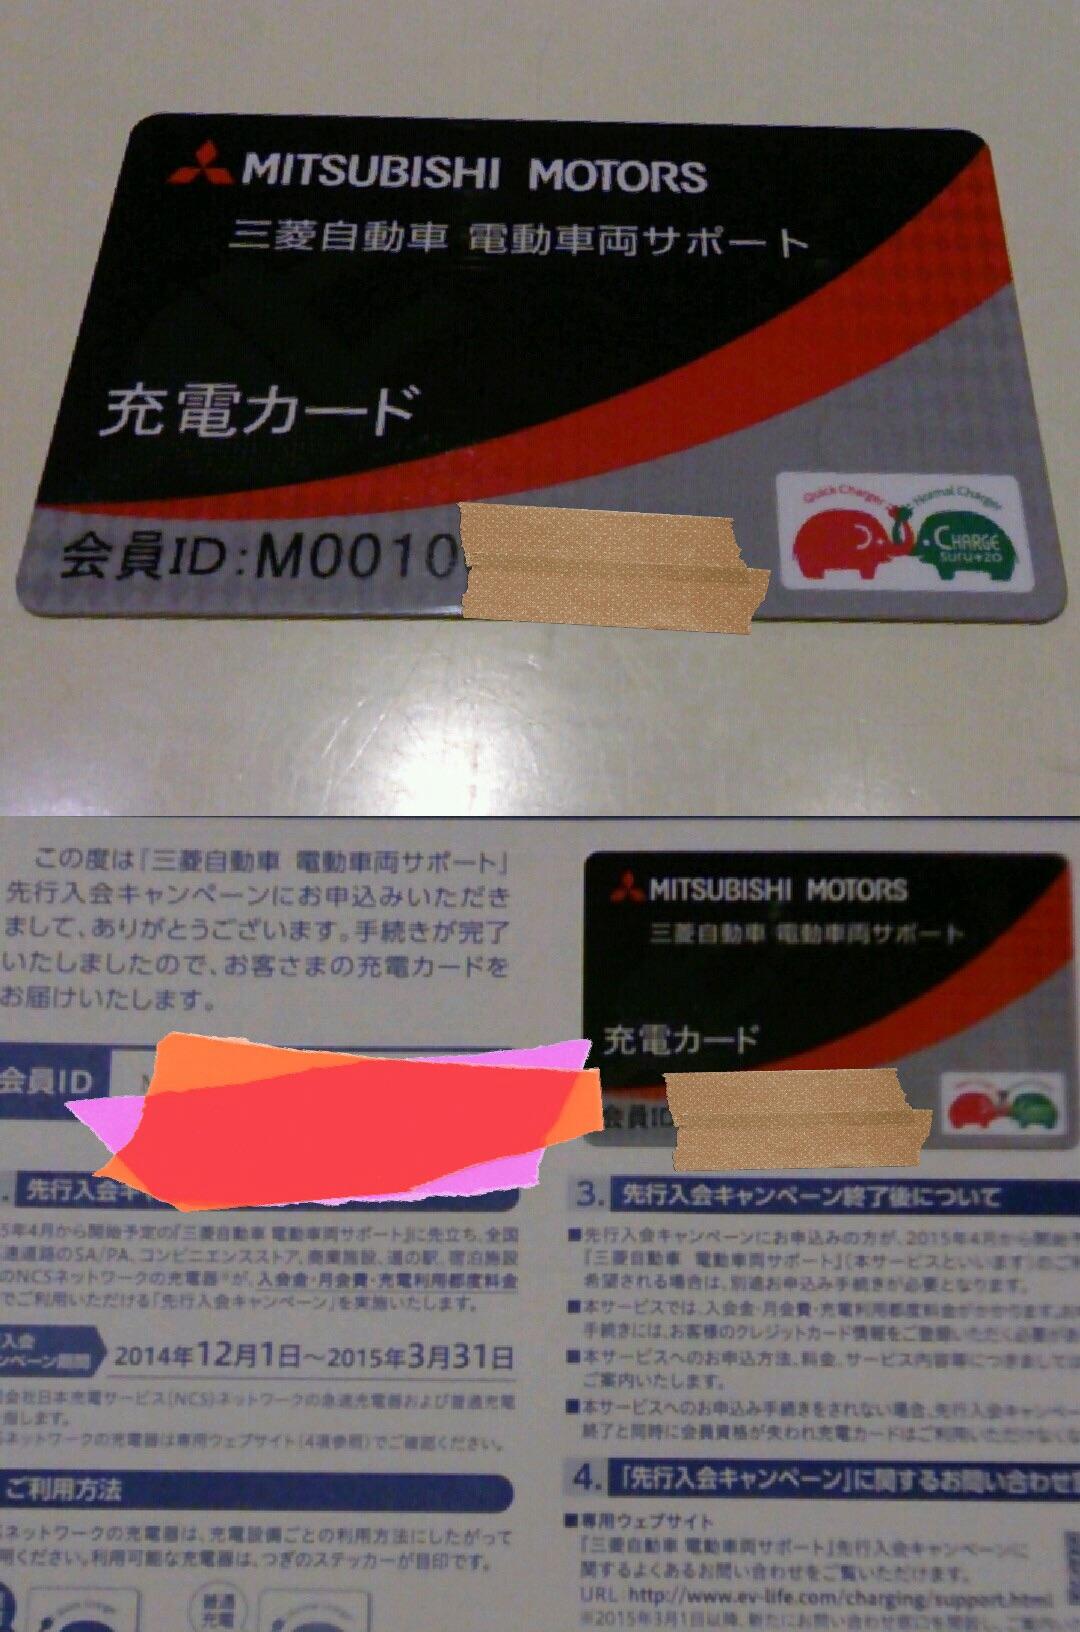 三菱自動車 電動車両サポートカード